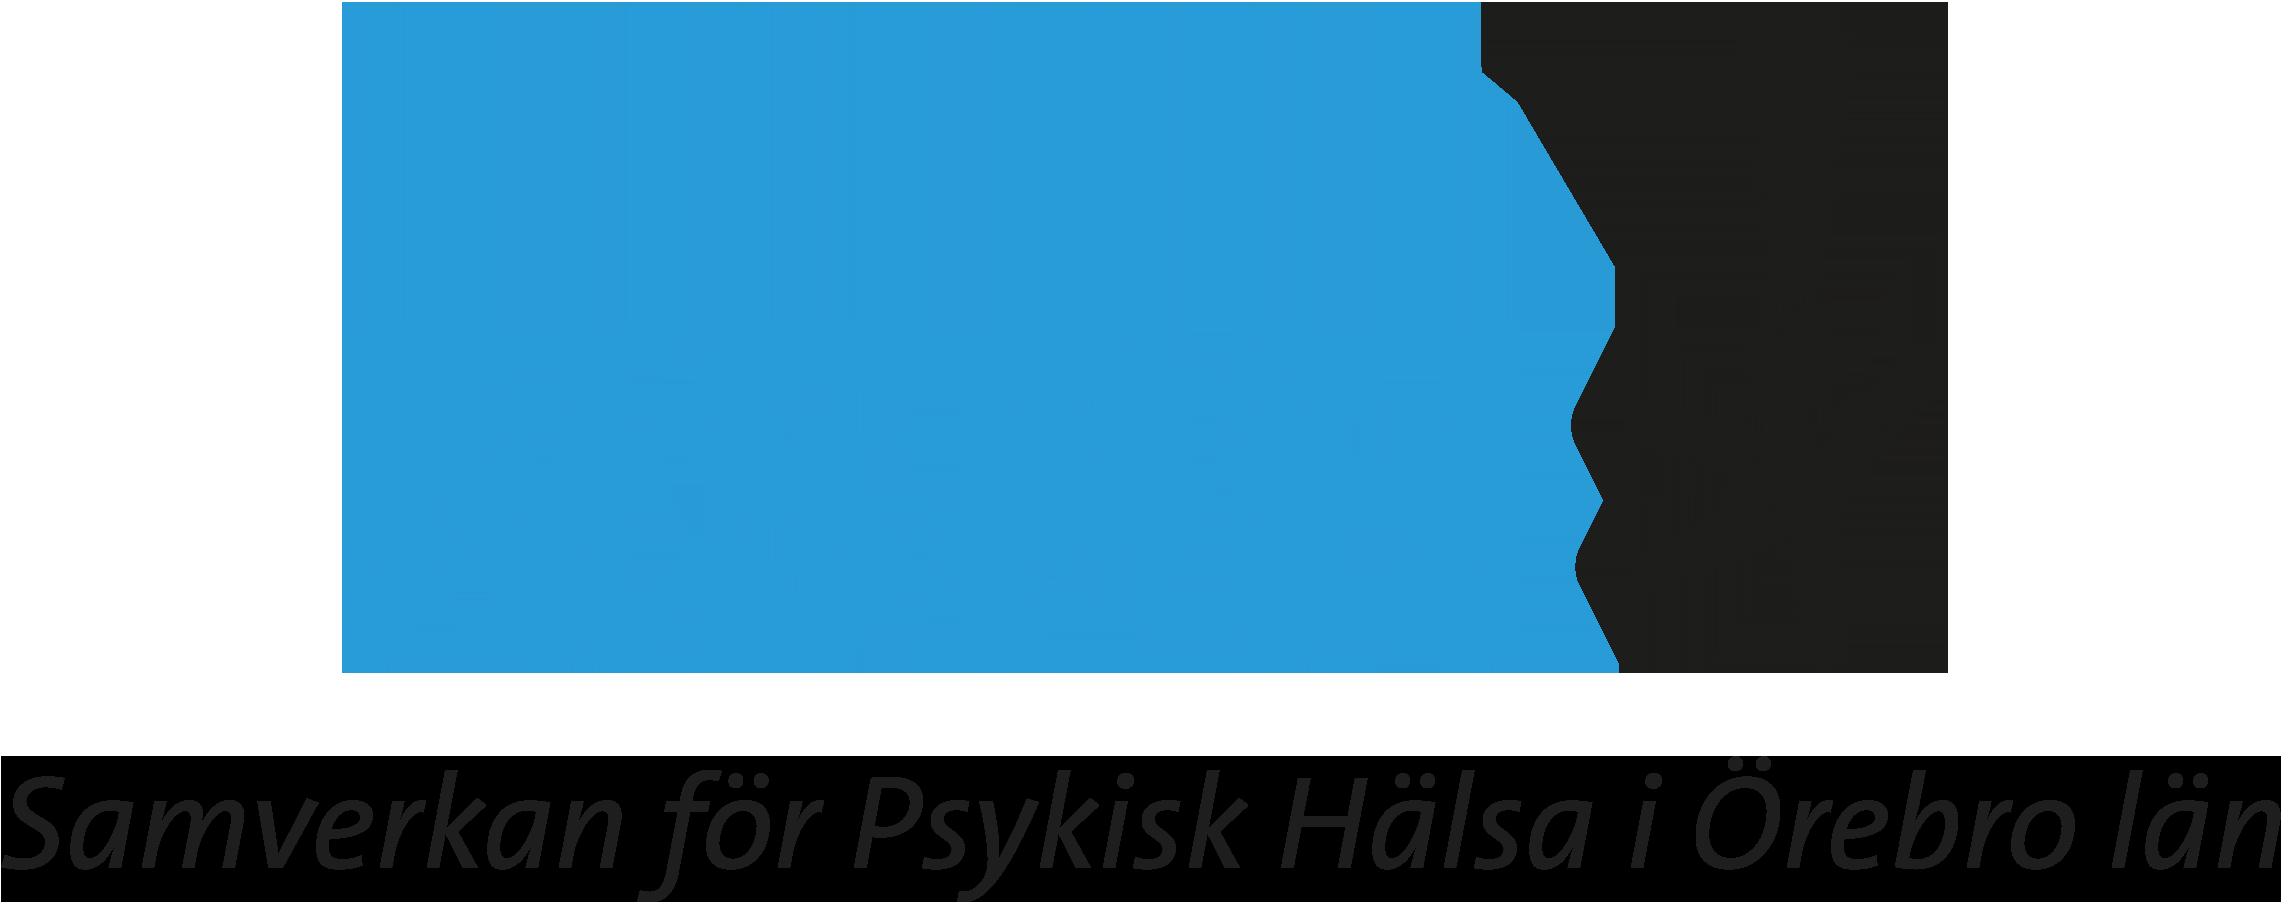 NSPH Örebro län